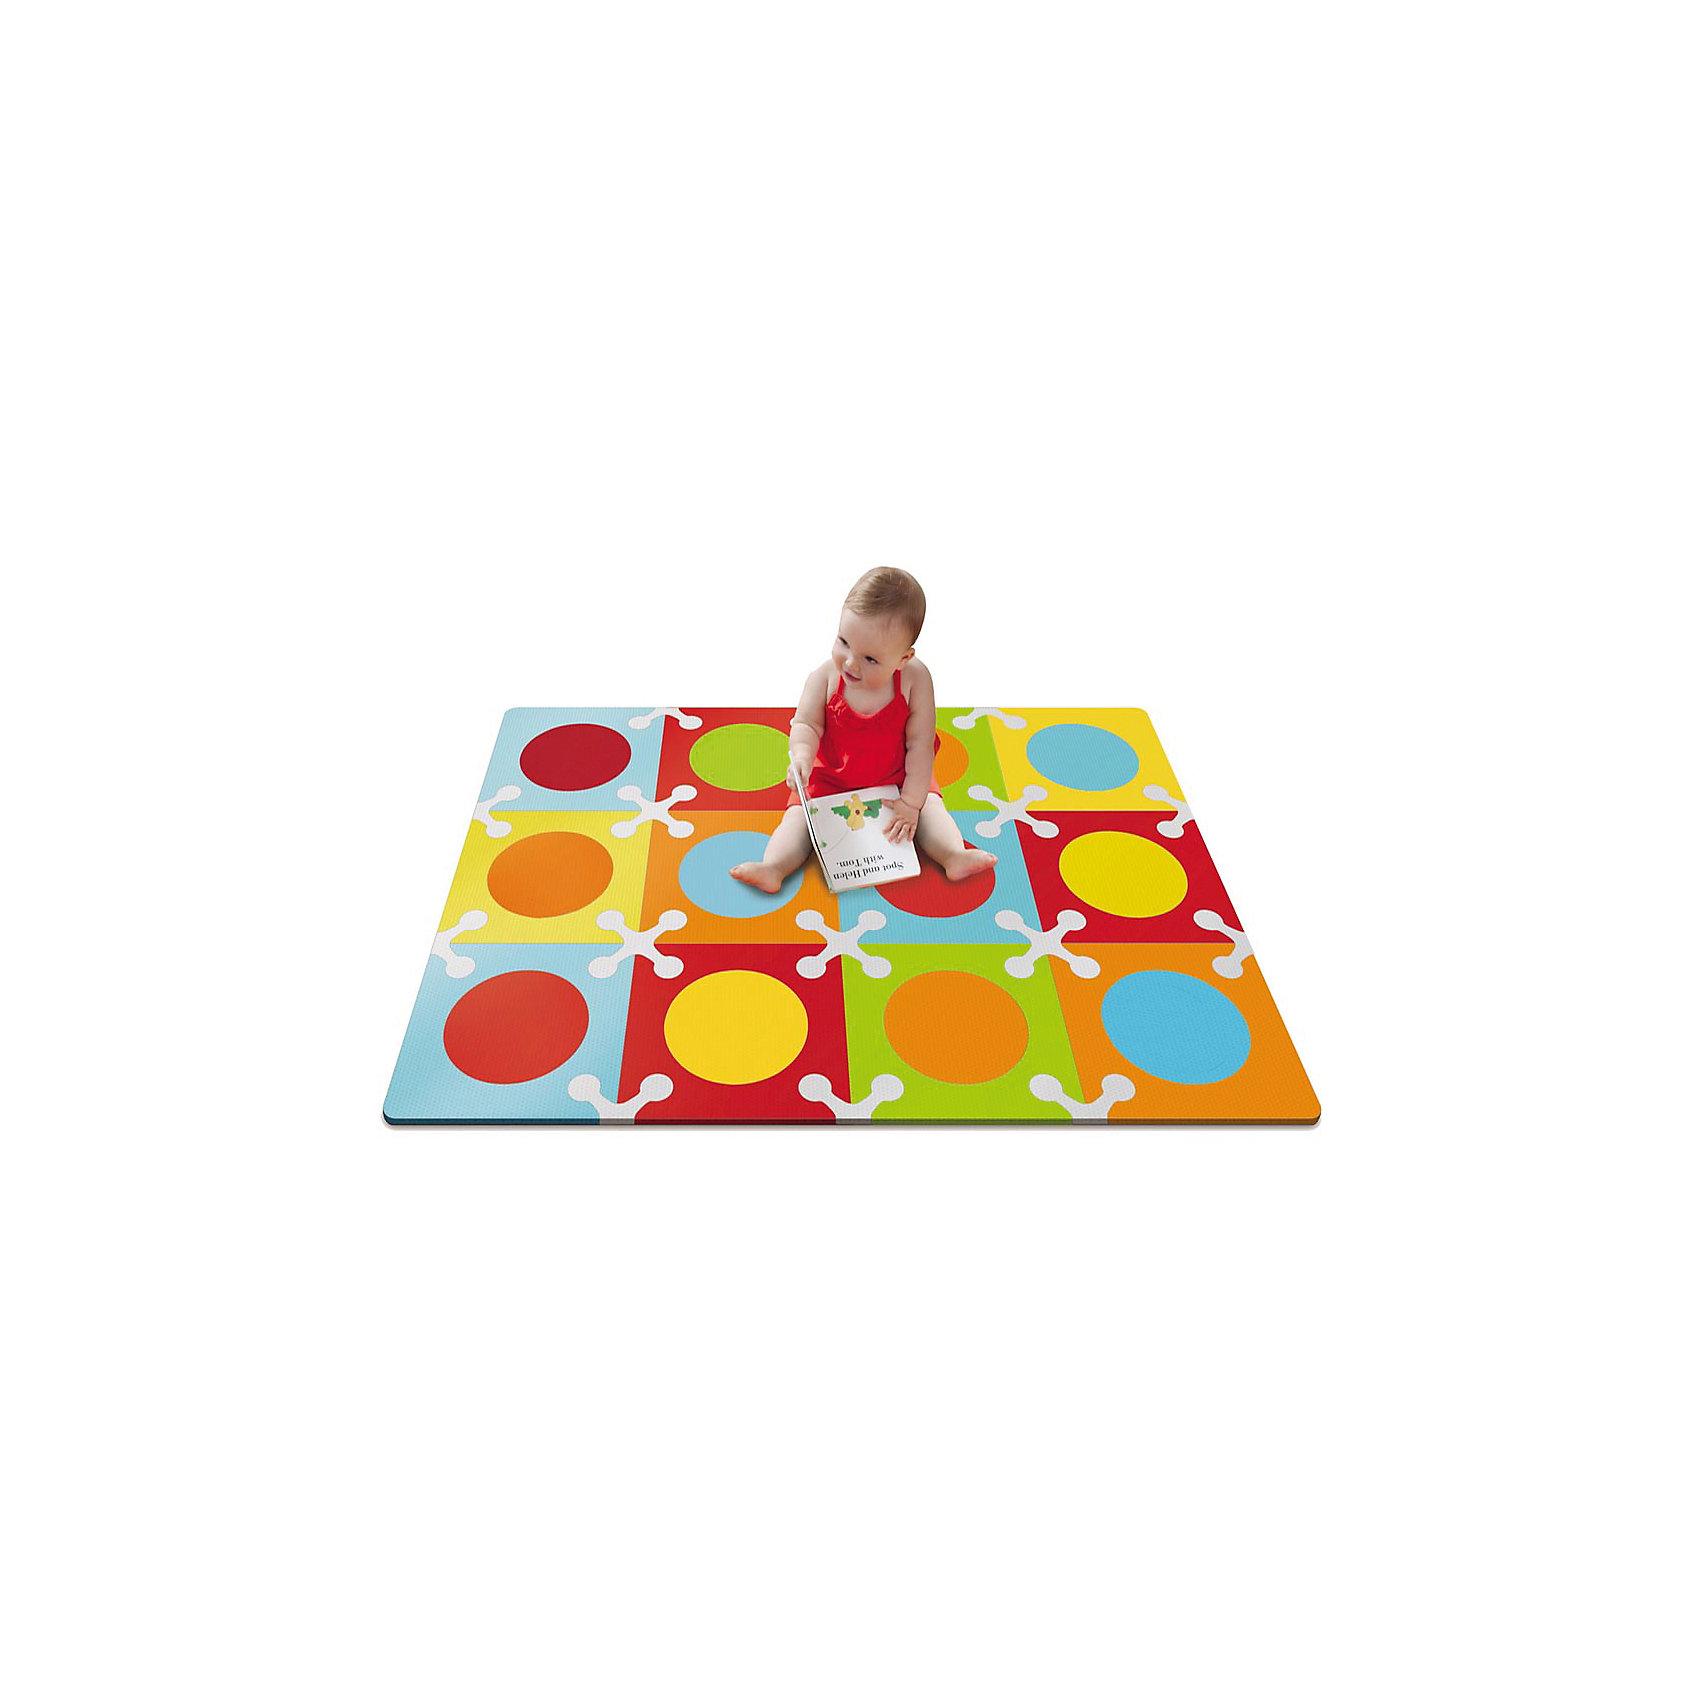 Напольный коврик, Skip Hop, цветнойКовры<br>Характеристики товара:<br><br>• возраст от 10 месяцев;<br>• материал: ПВХ;<br>• в комплекте 12 квадратов;<br>• размер коврика 107х142 см;<br>• страна производитель: Китай.<br><br>Напольный коврик Playspot Skip Hop цветной — развивающий коврик для детей от 10 месяцев, который может служить как обычным ковриком для игр и занятий, так и настоящим пазлом из больших деталей. Детали коврика можно соединять между собой в любой конфигурации и менять постоянно местами. Собирая пазл, дети выучат формы, цвета, у них развивается моторика рук, мышление, цветовое восприятие, тактильные ощущения. Коврик изготовлен из качественного приятного на ощупь материала, безопасного для детей.<br><br>Напольный коврик Playspot Skip Hop цветной можно приобрести в нашем интернет-магазине.<br><br>Ширина мм: 370<br>Глубина мм: 200<br>Высота мм: 370<br>Вес г: 2534<br>Возраст от месяцев: 24<br>Возраст до месяцев: 84<br>Пол: Унисекс<br>Возраст: Детский<br>SKU: 5608259